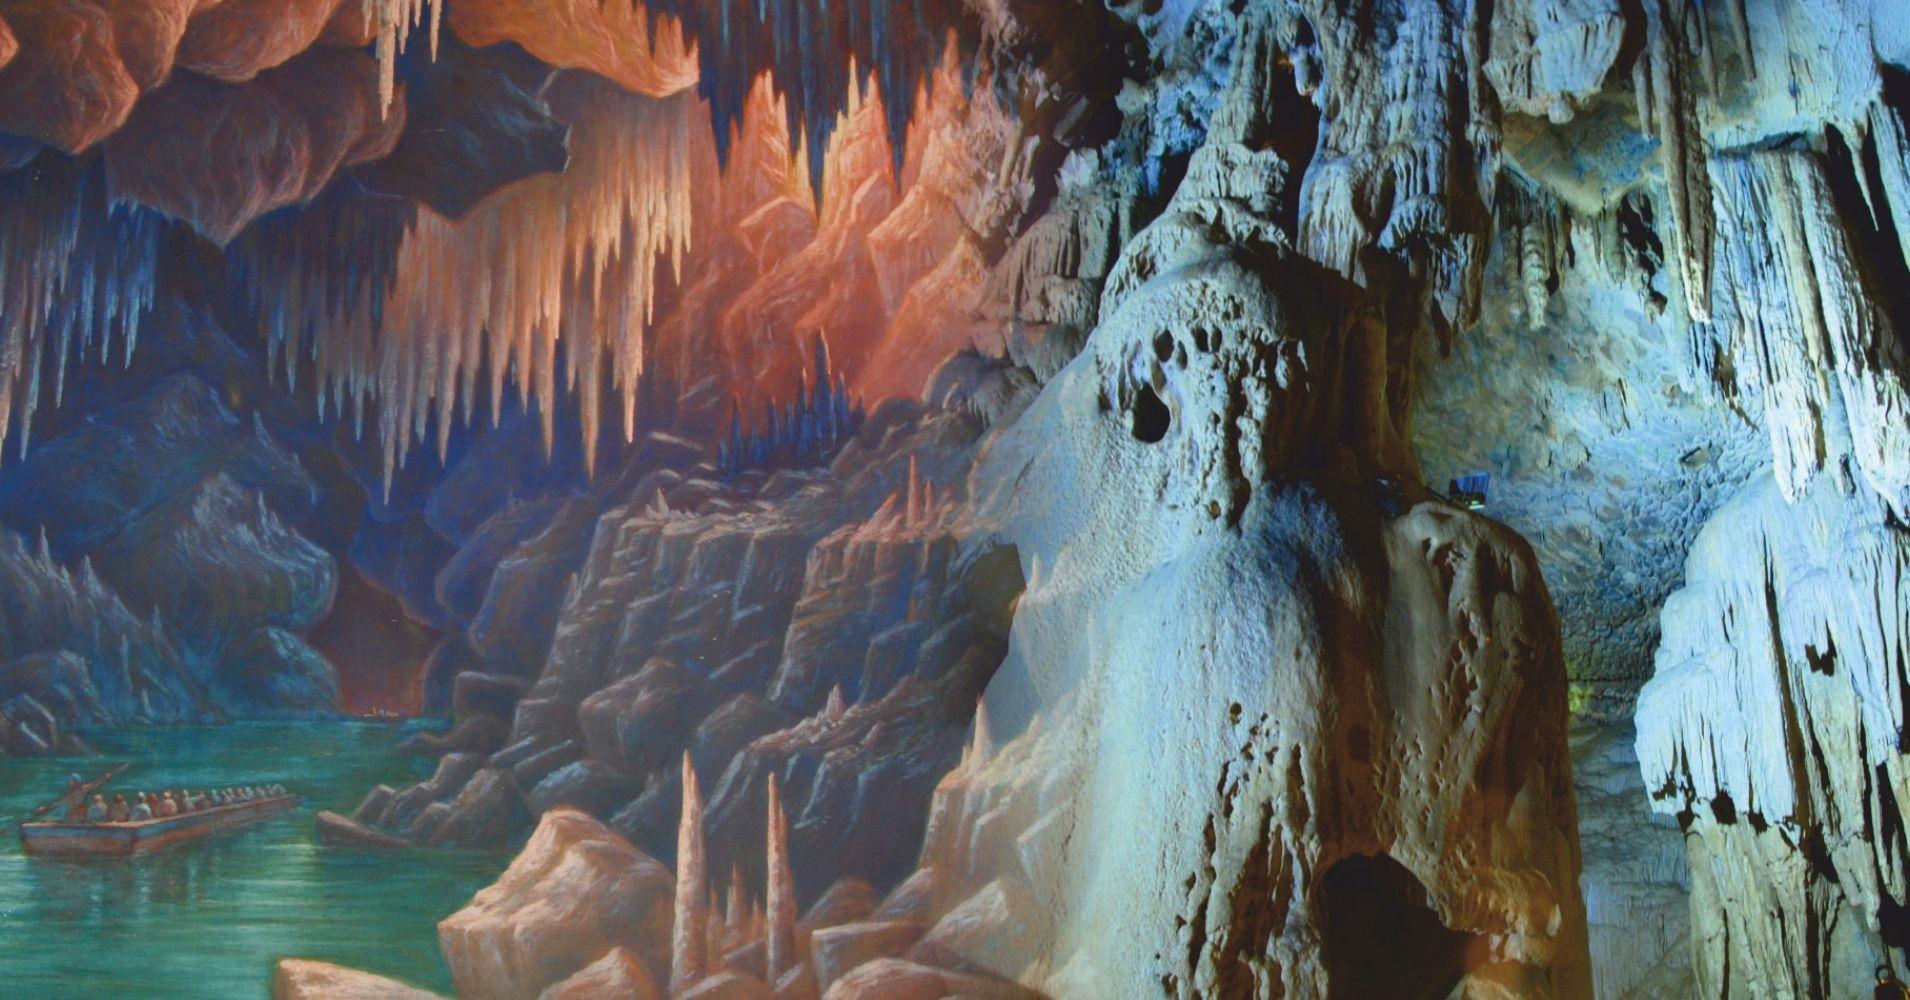 Grabados Antiguos de las Cuevas. Nueva Aquitania y Occitania. Pirineos Atlánticos y Altos Pirineos, Francia.